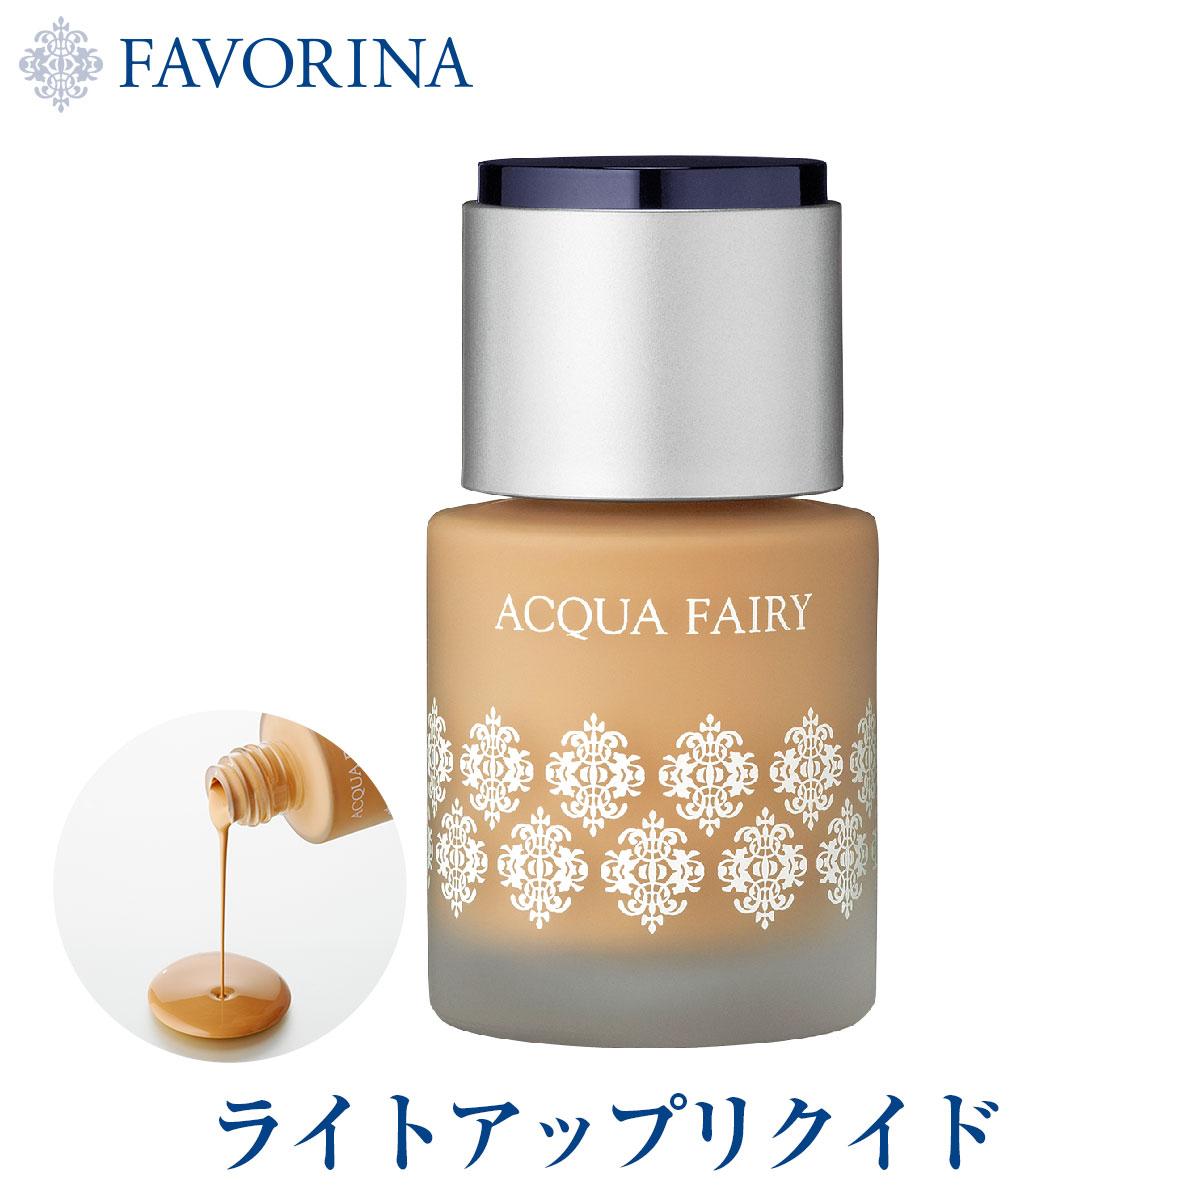 リキッド ファンデーション 美容液ファンデ 35g (ライトナチュラル/ナチュラル) FAVORINA アクアフェアリー ライトアップリクイド